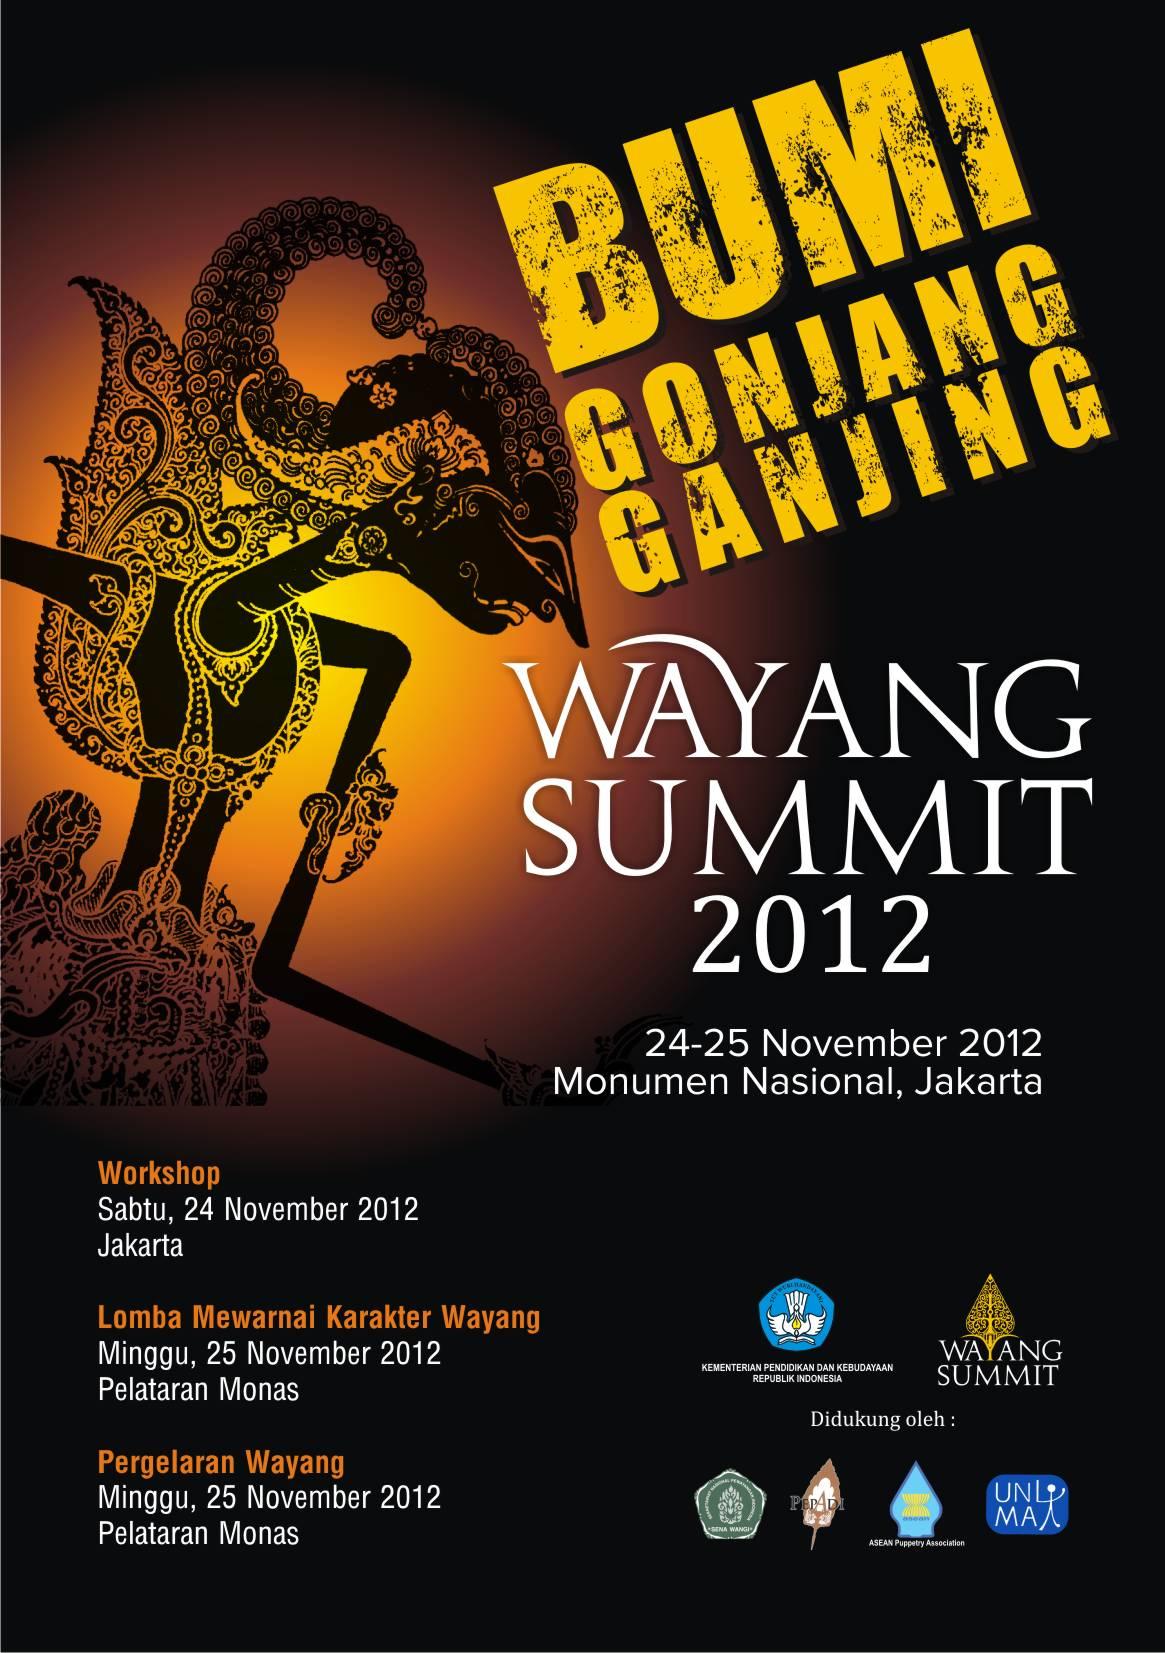 World Wayang Summit 2012 Di Monas Kompasiana